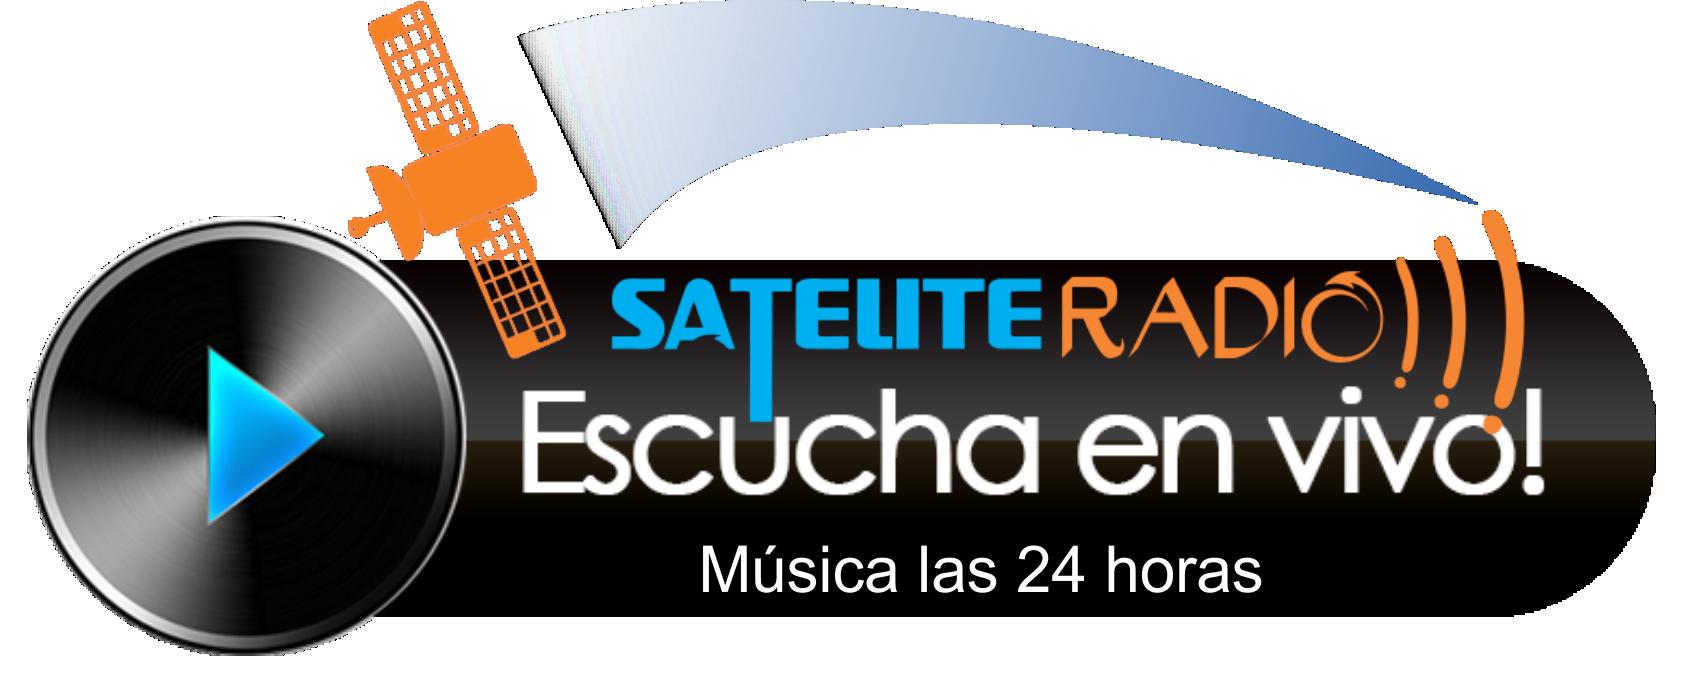 escucha_sateliteradio01